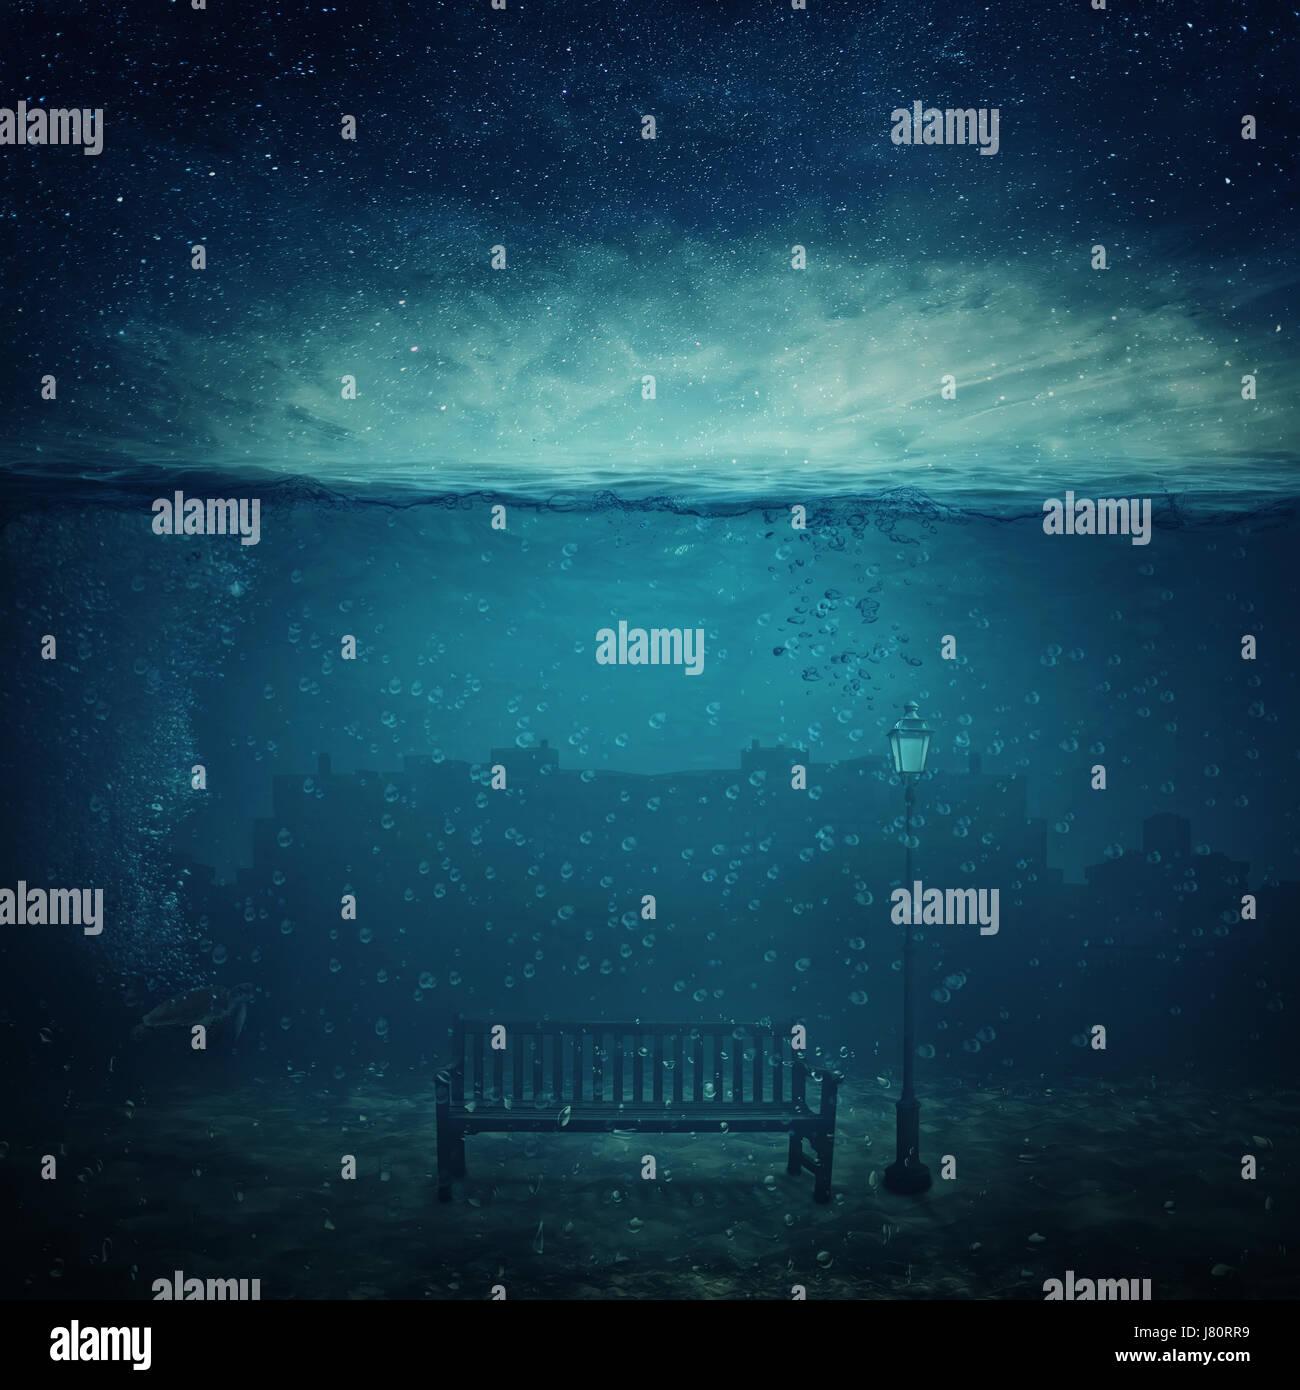 Underwater fantasy world. Città moderna resti sotto il mare e una panca in legno con un lampione affogato. Immagini Stock